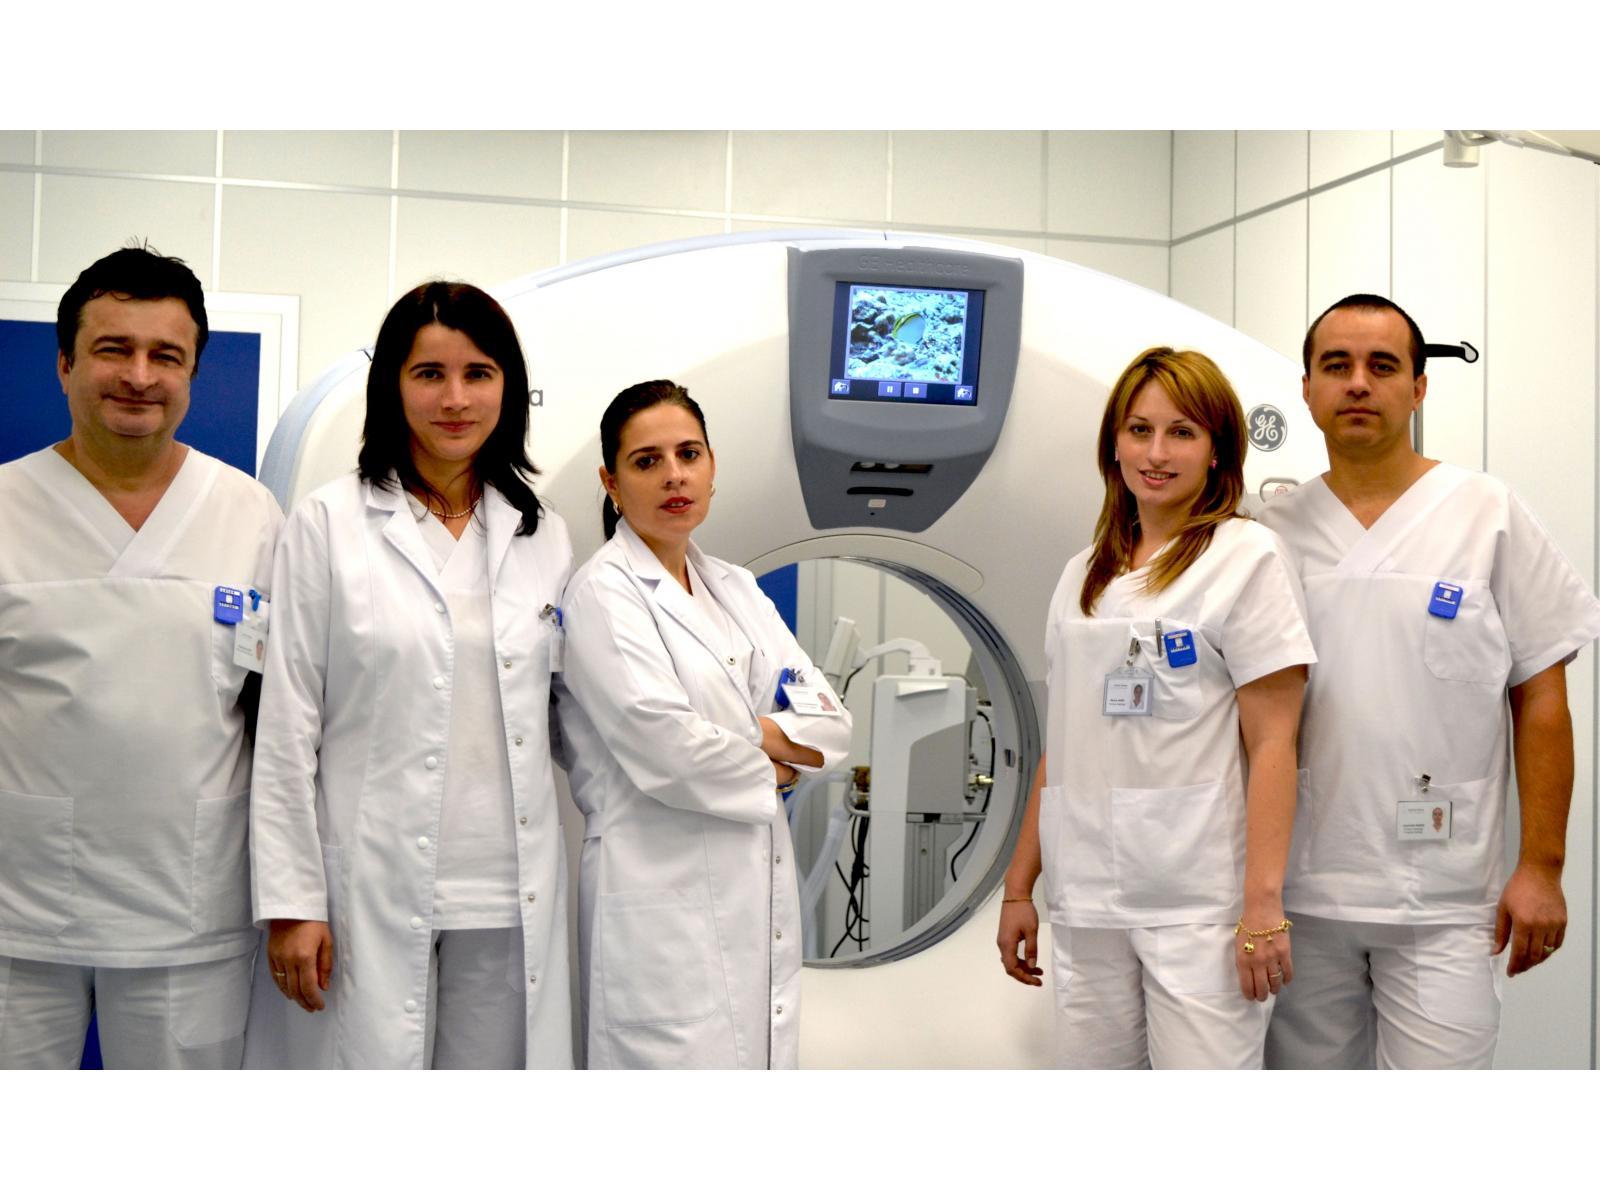 Spitalul Monza - Echipa_radio.jpg